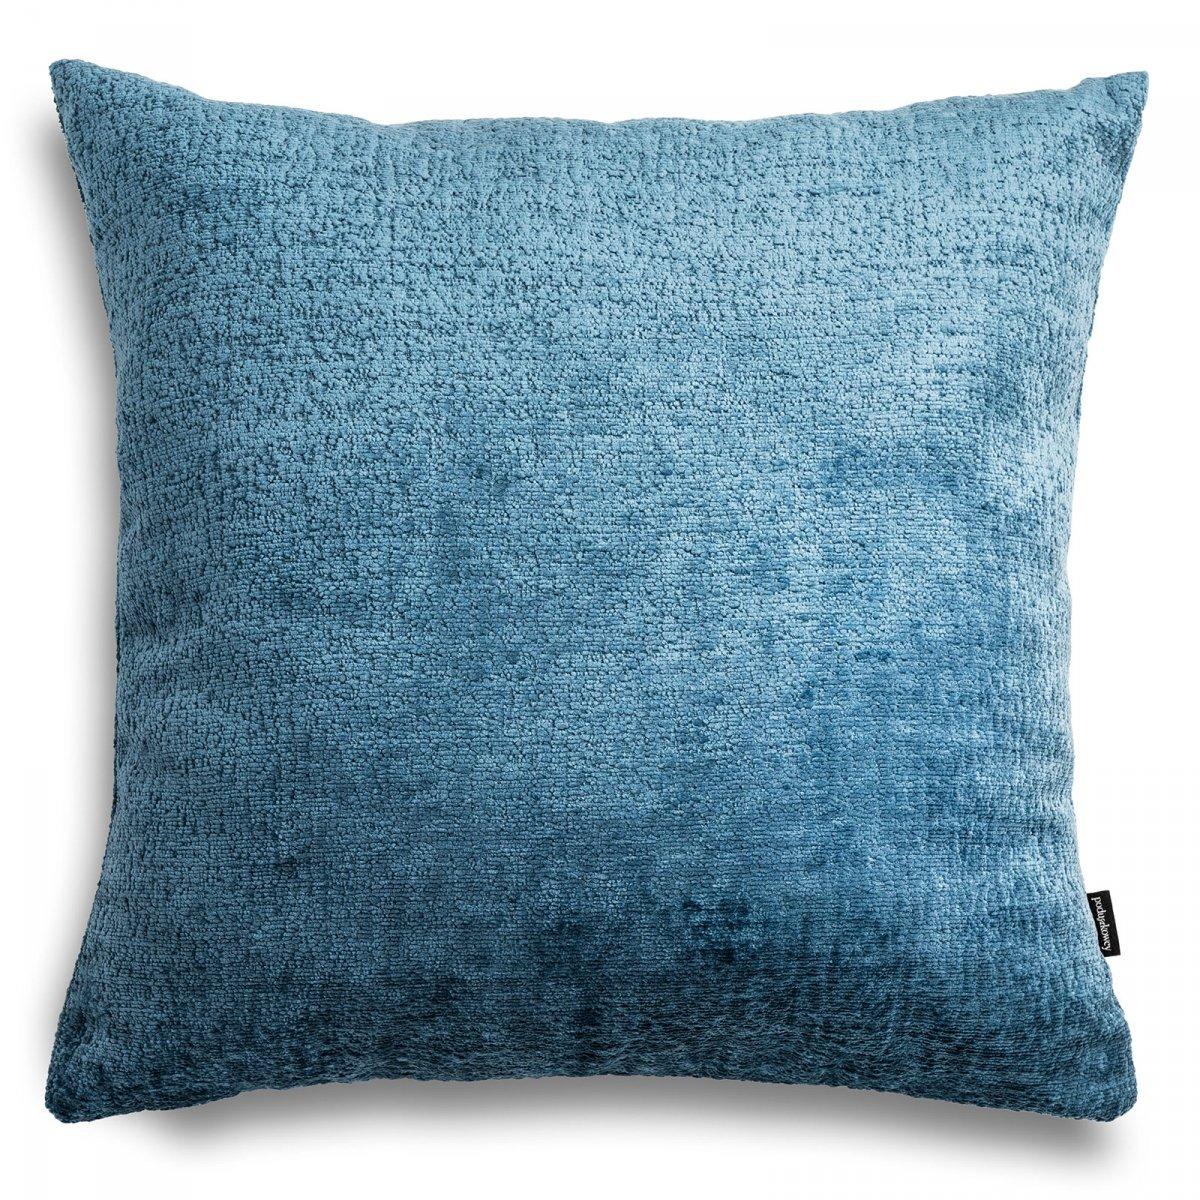 Bergen duża błękitna poduszka dekoracyjna 50x50